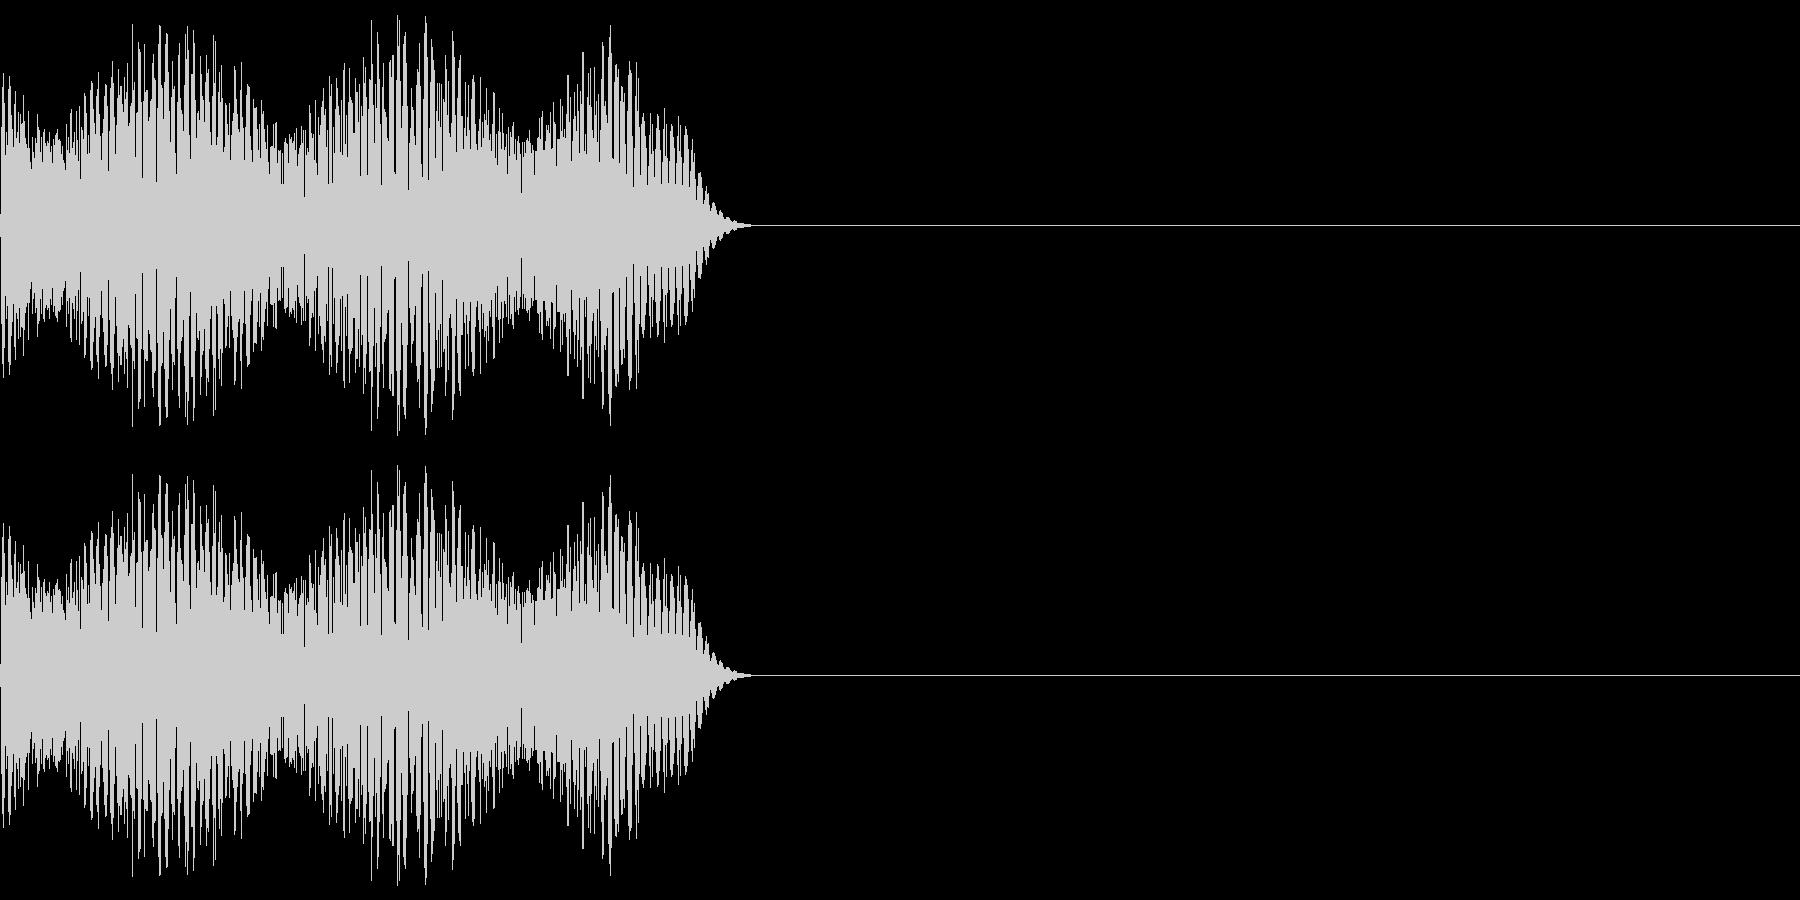 ゲーム等の禁止音「ブッ」 高めの音程の未再生の波形